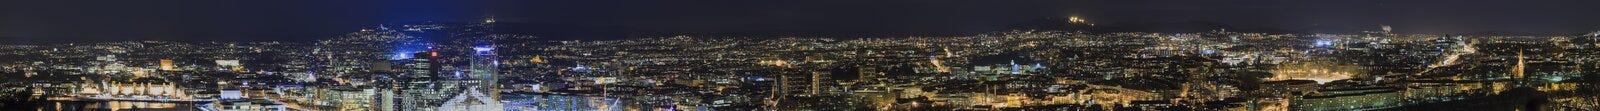 Panorama de nuit d'Oslo images libres de droits